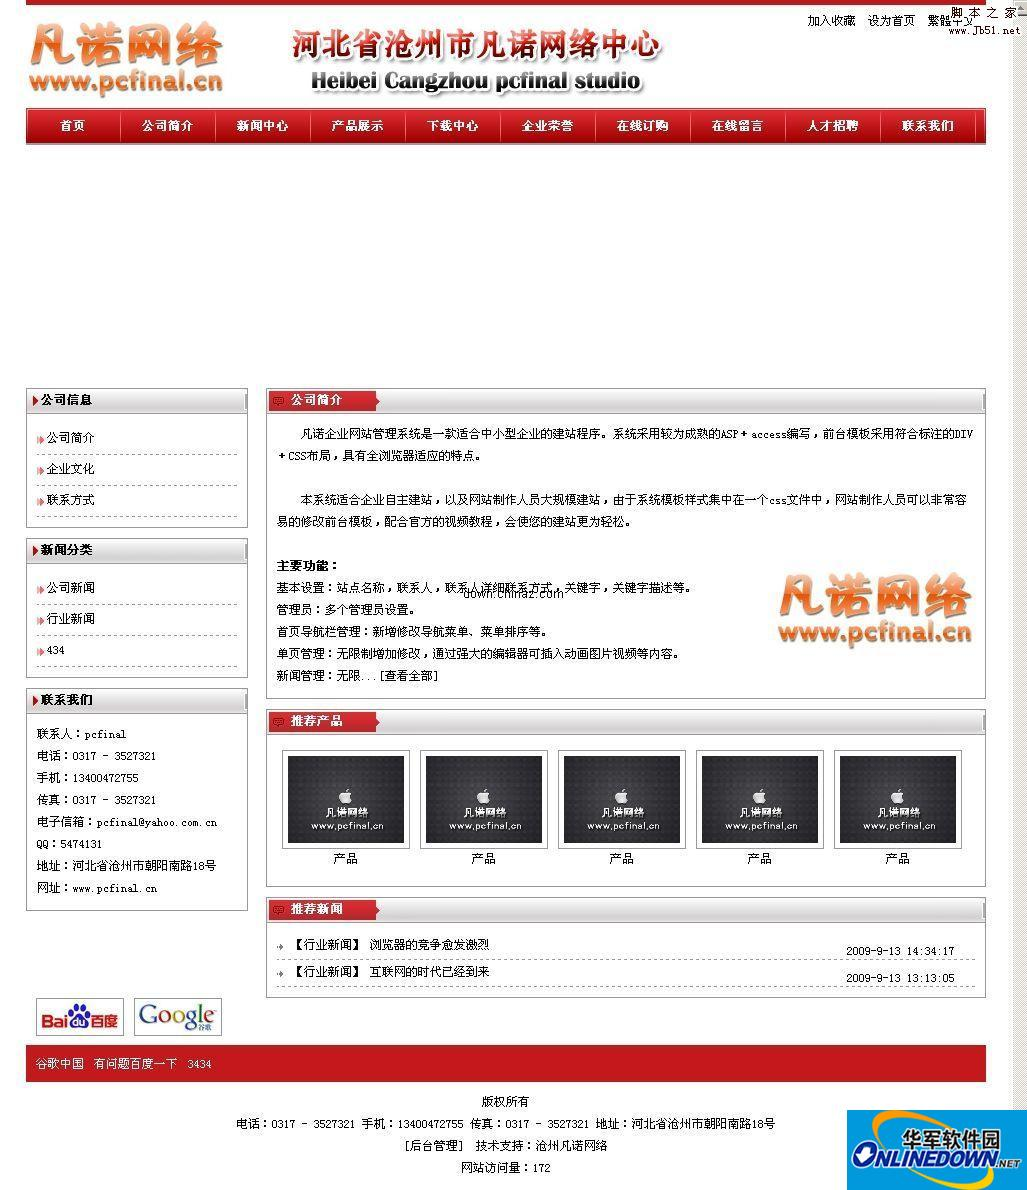 asp 凡诺企业网站管理系统商业版